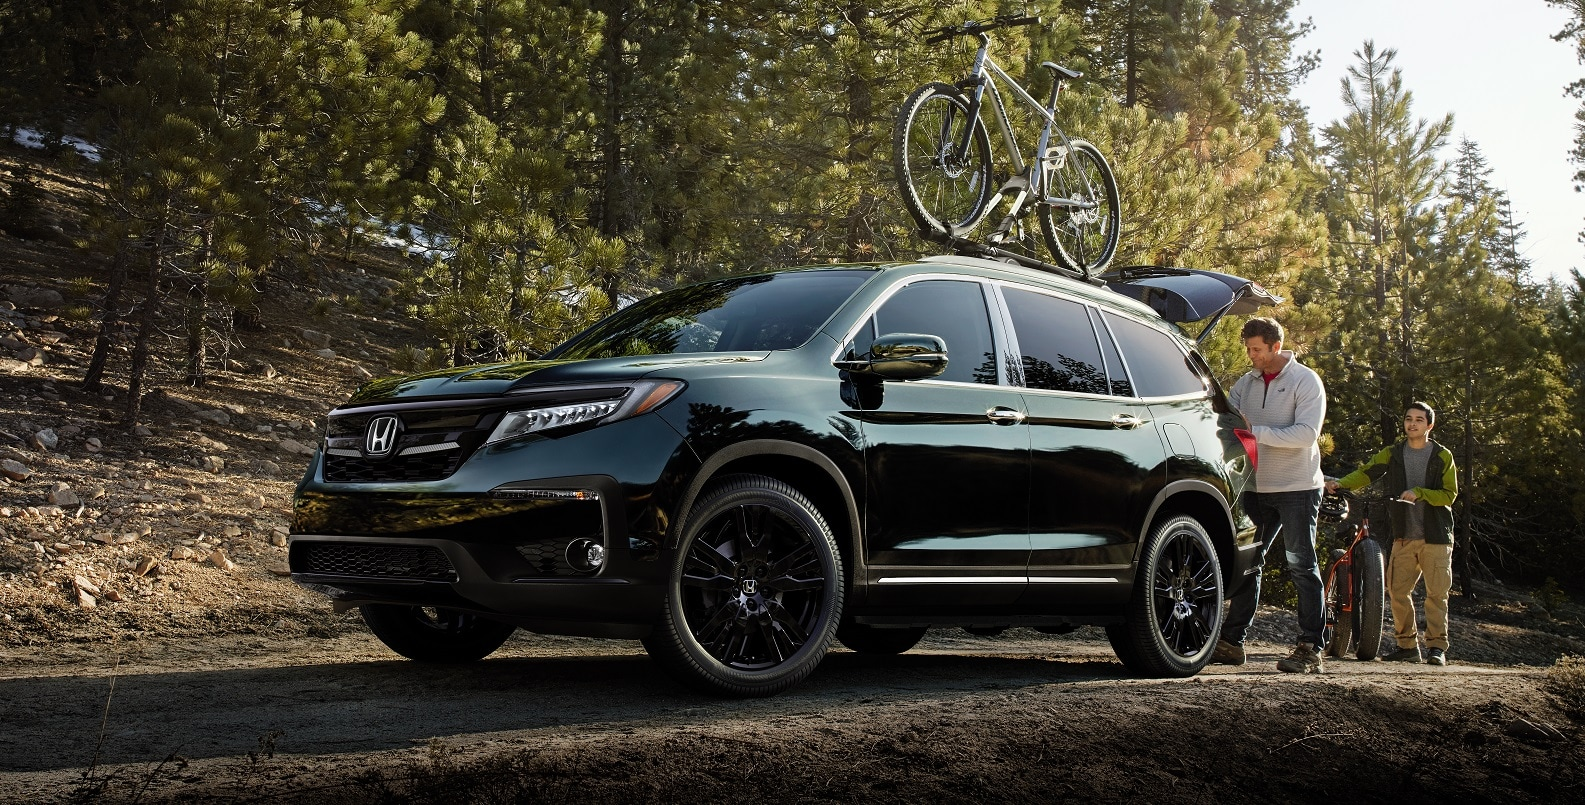 Honda Dealers In Tennessee >> New Honda Pilot For Sale Honda Dealer Near Nashville Tn